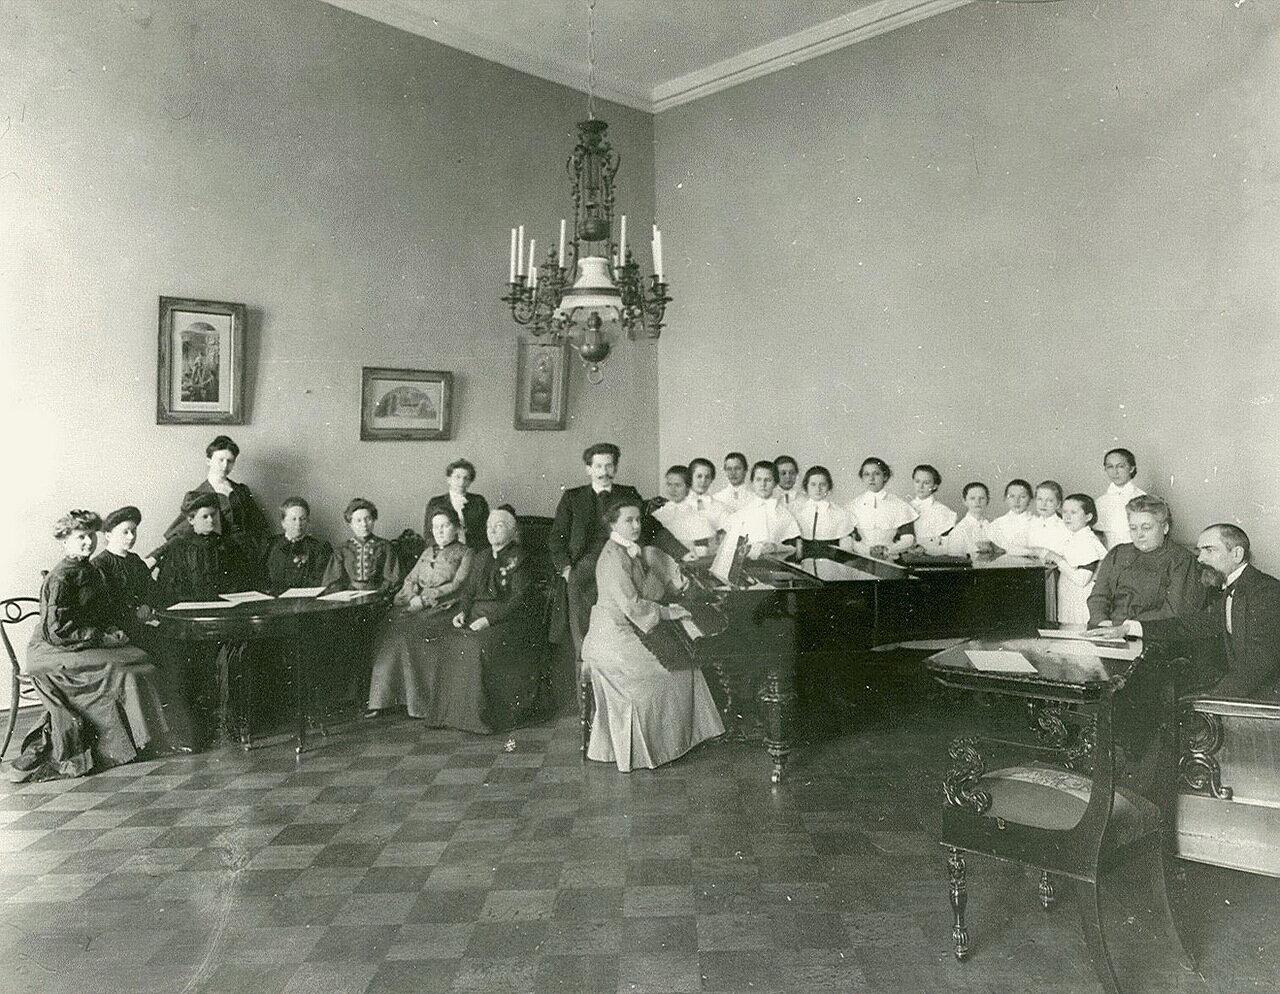 44. Младшая группа на экзамене по классу вокала в Смольном институте